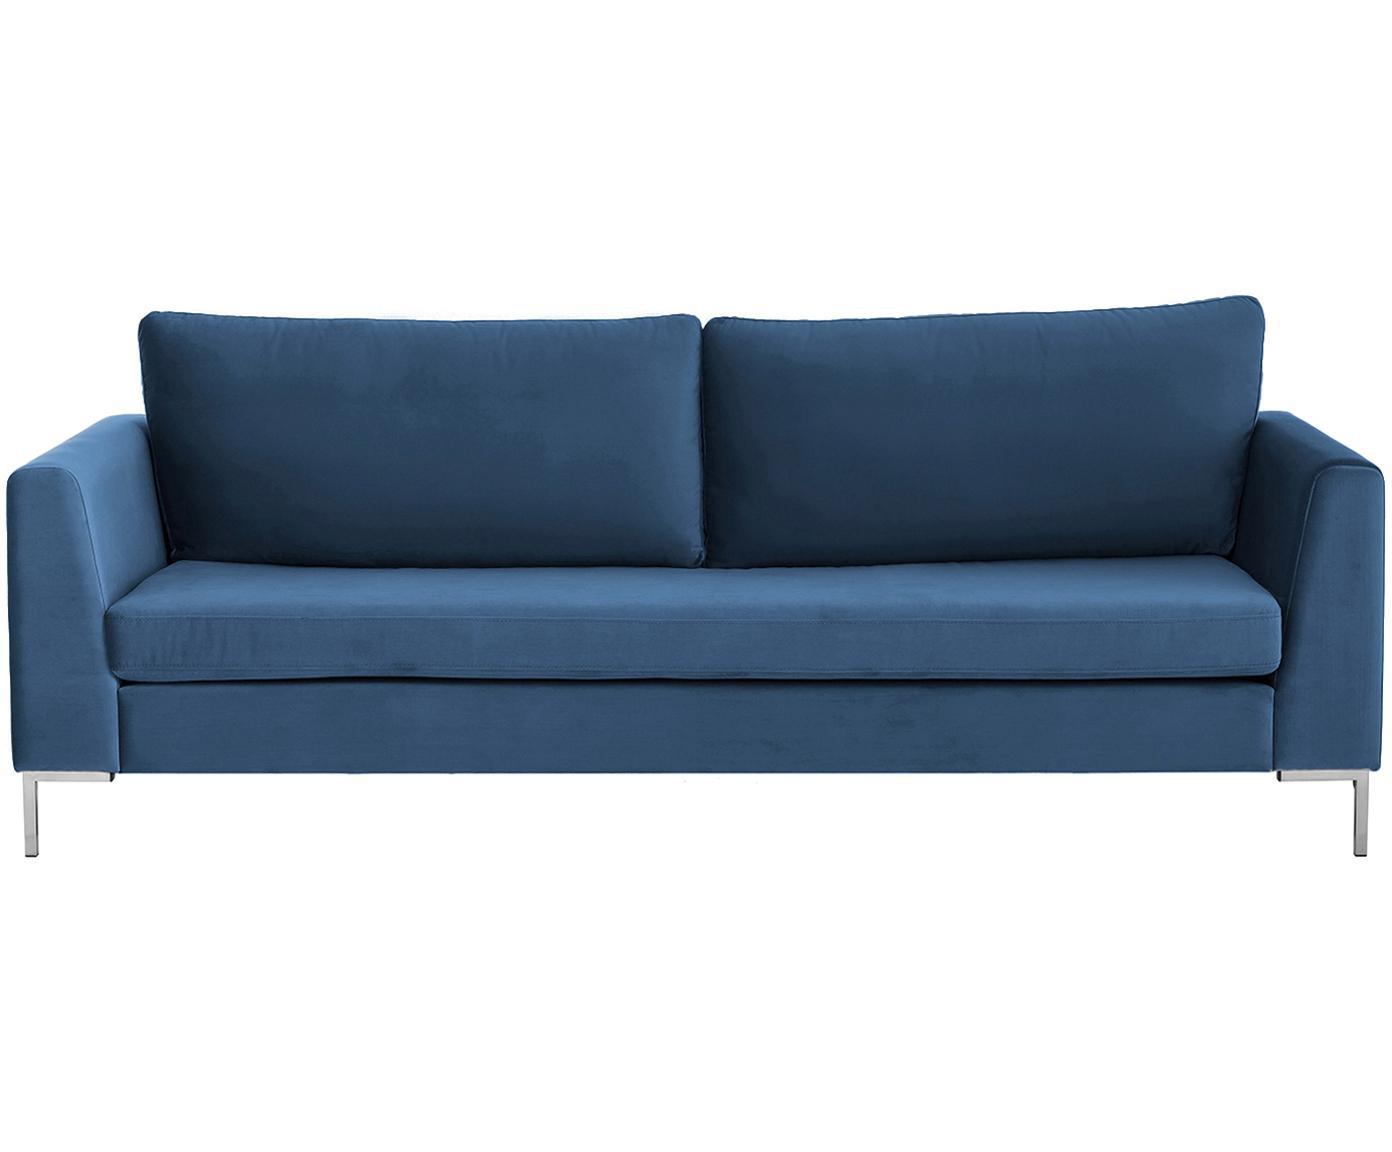 Sofa z aksamitu Luna (3-osobowa), Tapicerka: aksamit (poliester) 8000, Stelaż: lite drewno bukowe, Nogi: metal galwanizowany, Niebieski, S 230 x G 95 cm